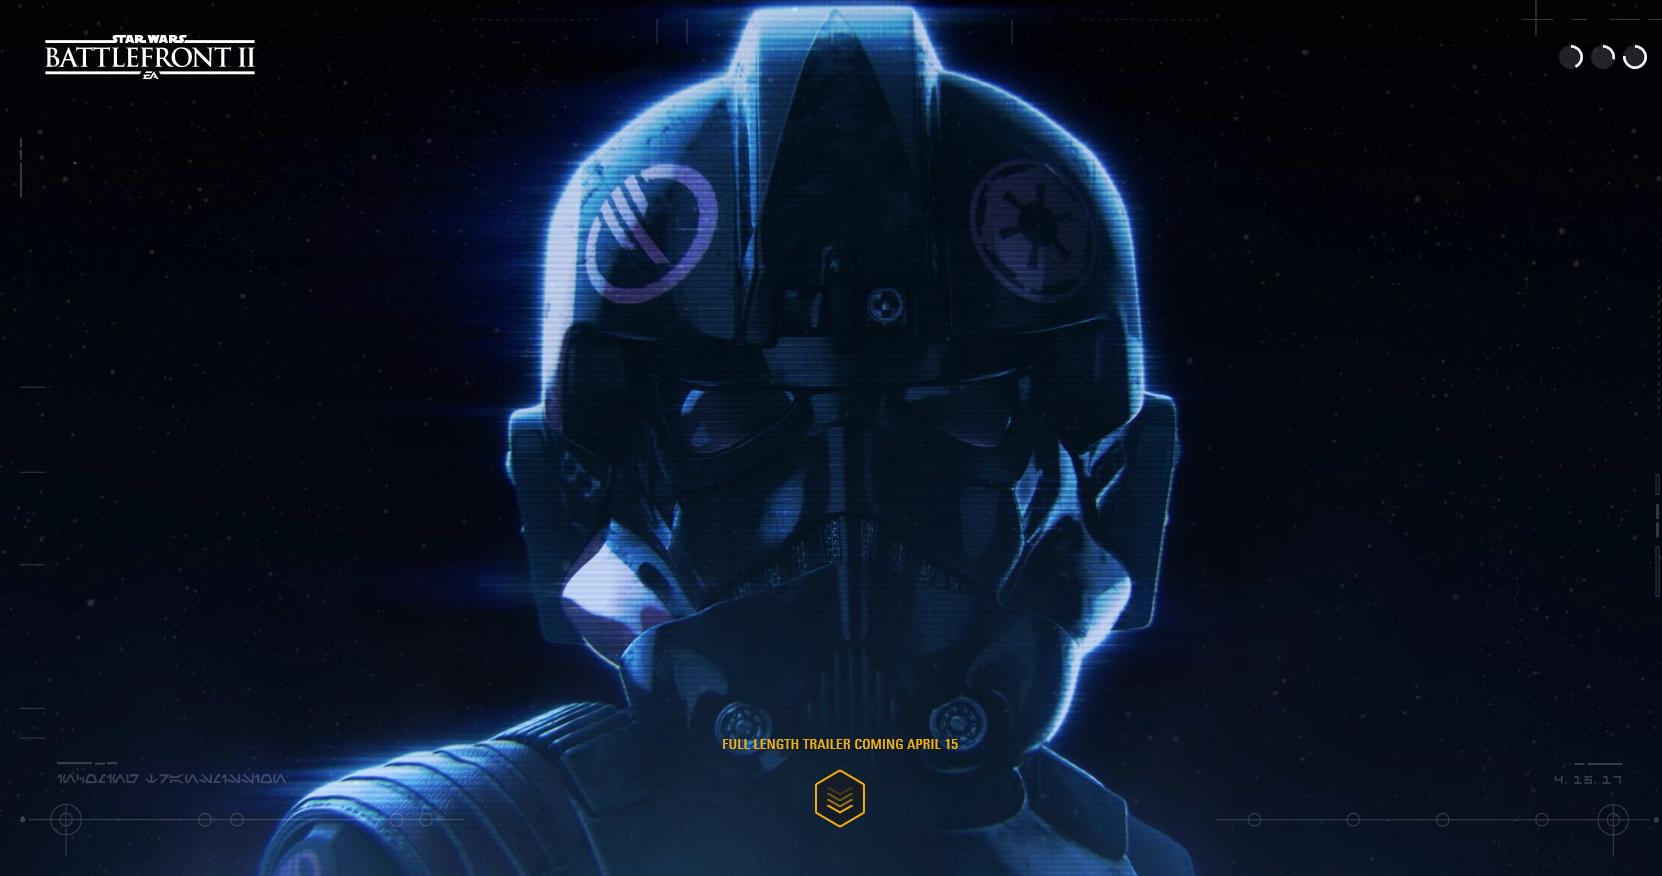 Nový obrázek Star Wars: Battlefrontu 2 ukazuje helmu pilota TIE 142203